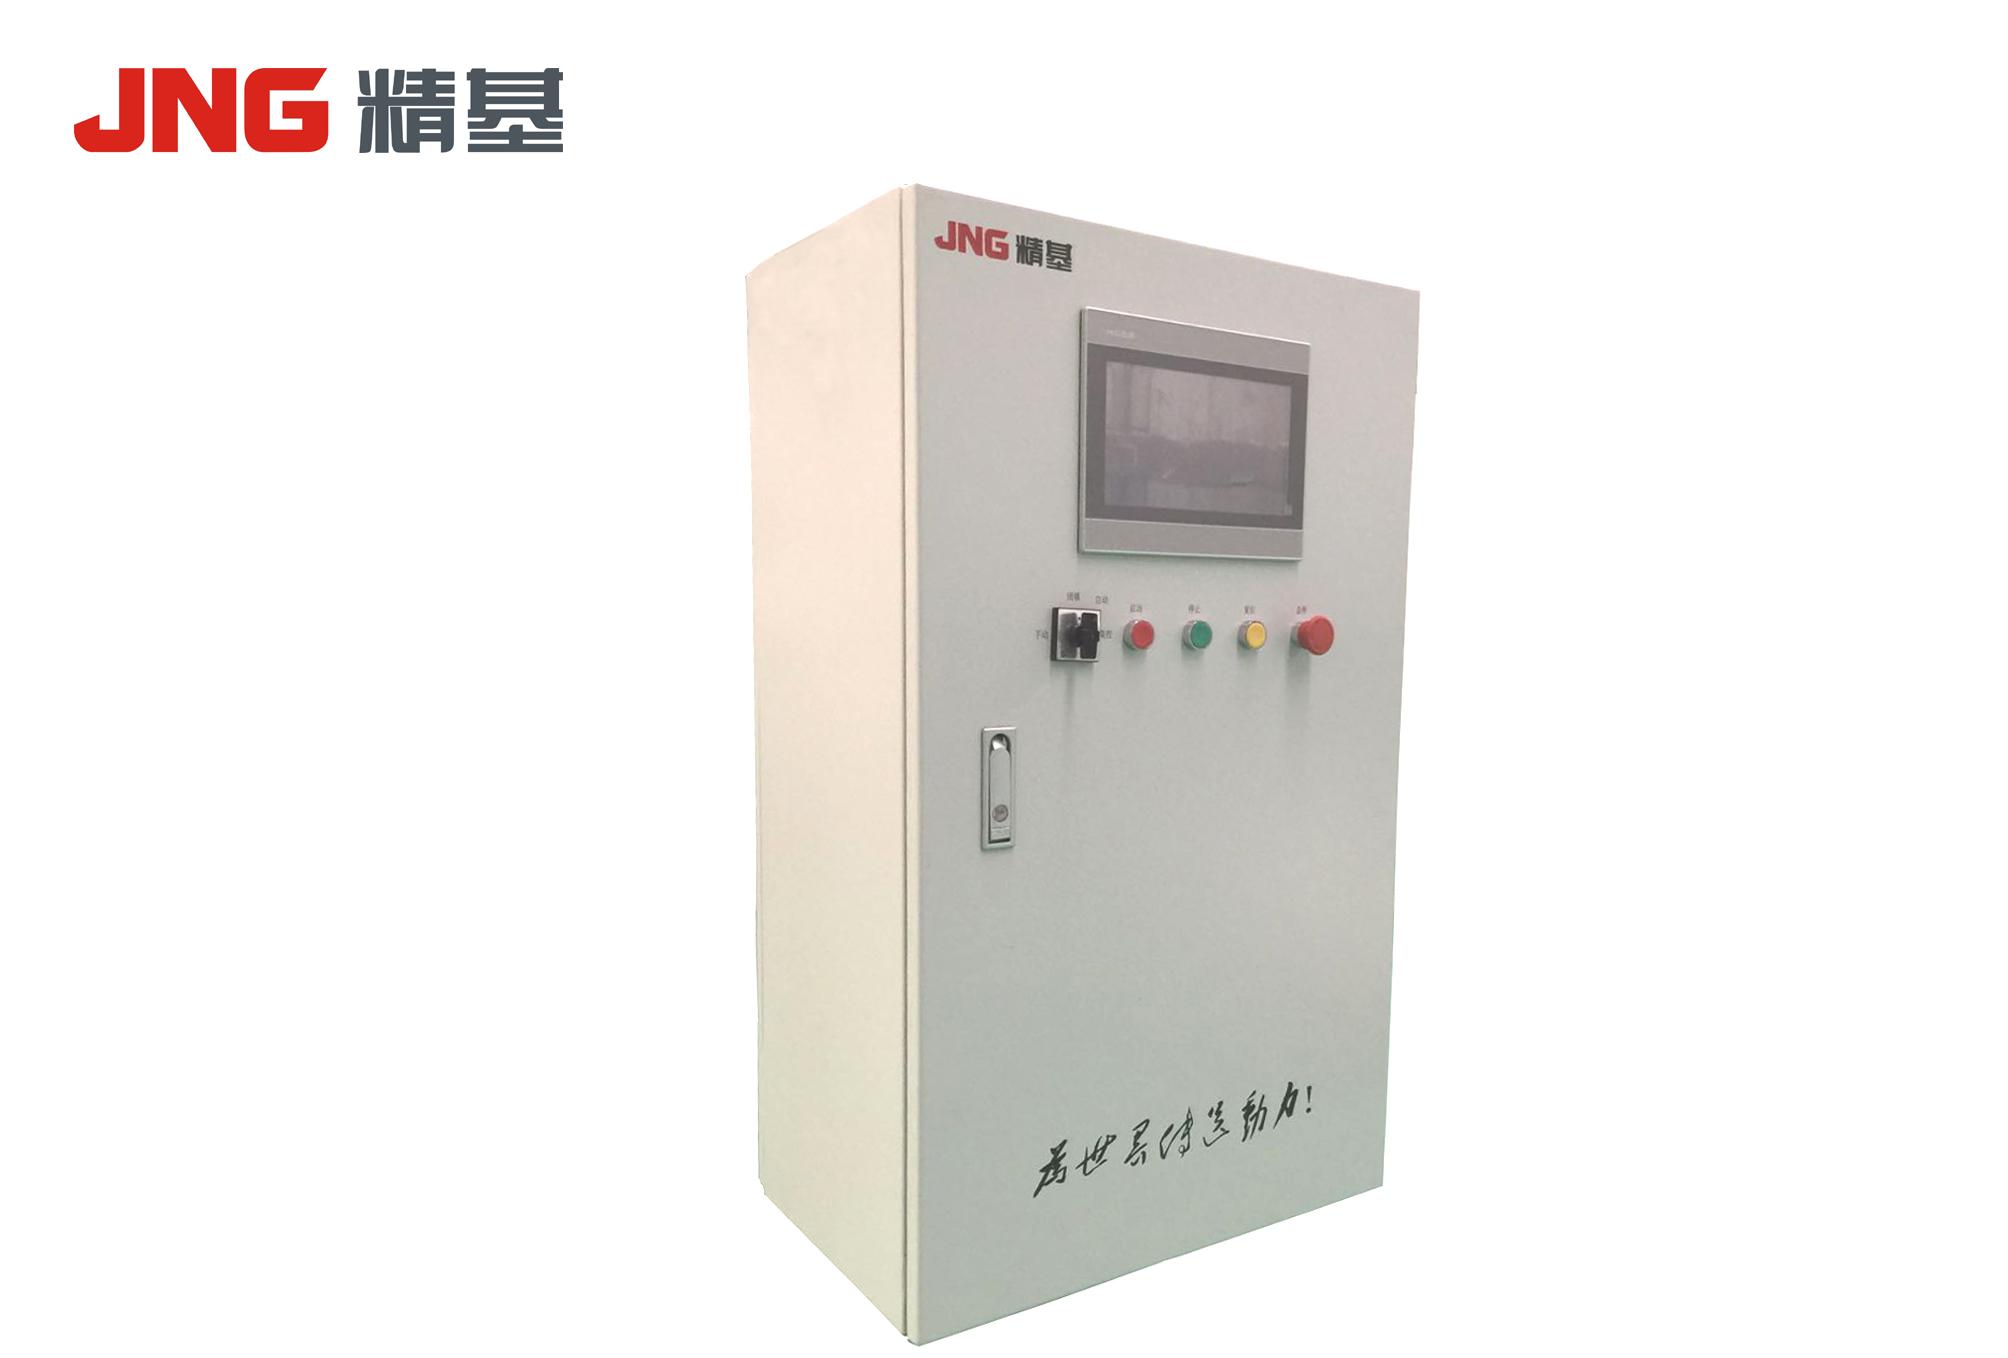 皮帶機PVD控制系統BPC-380